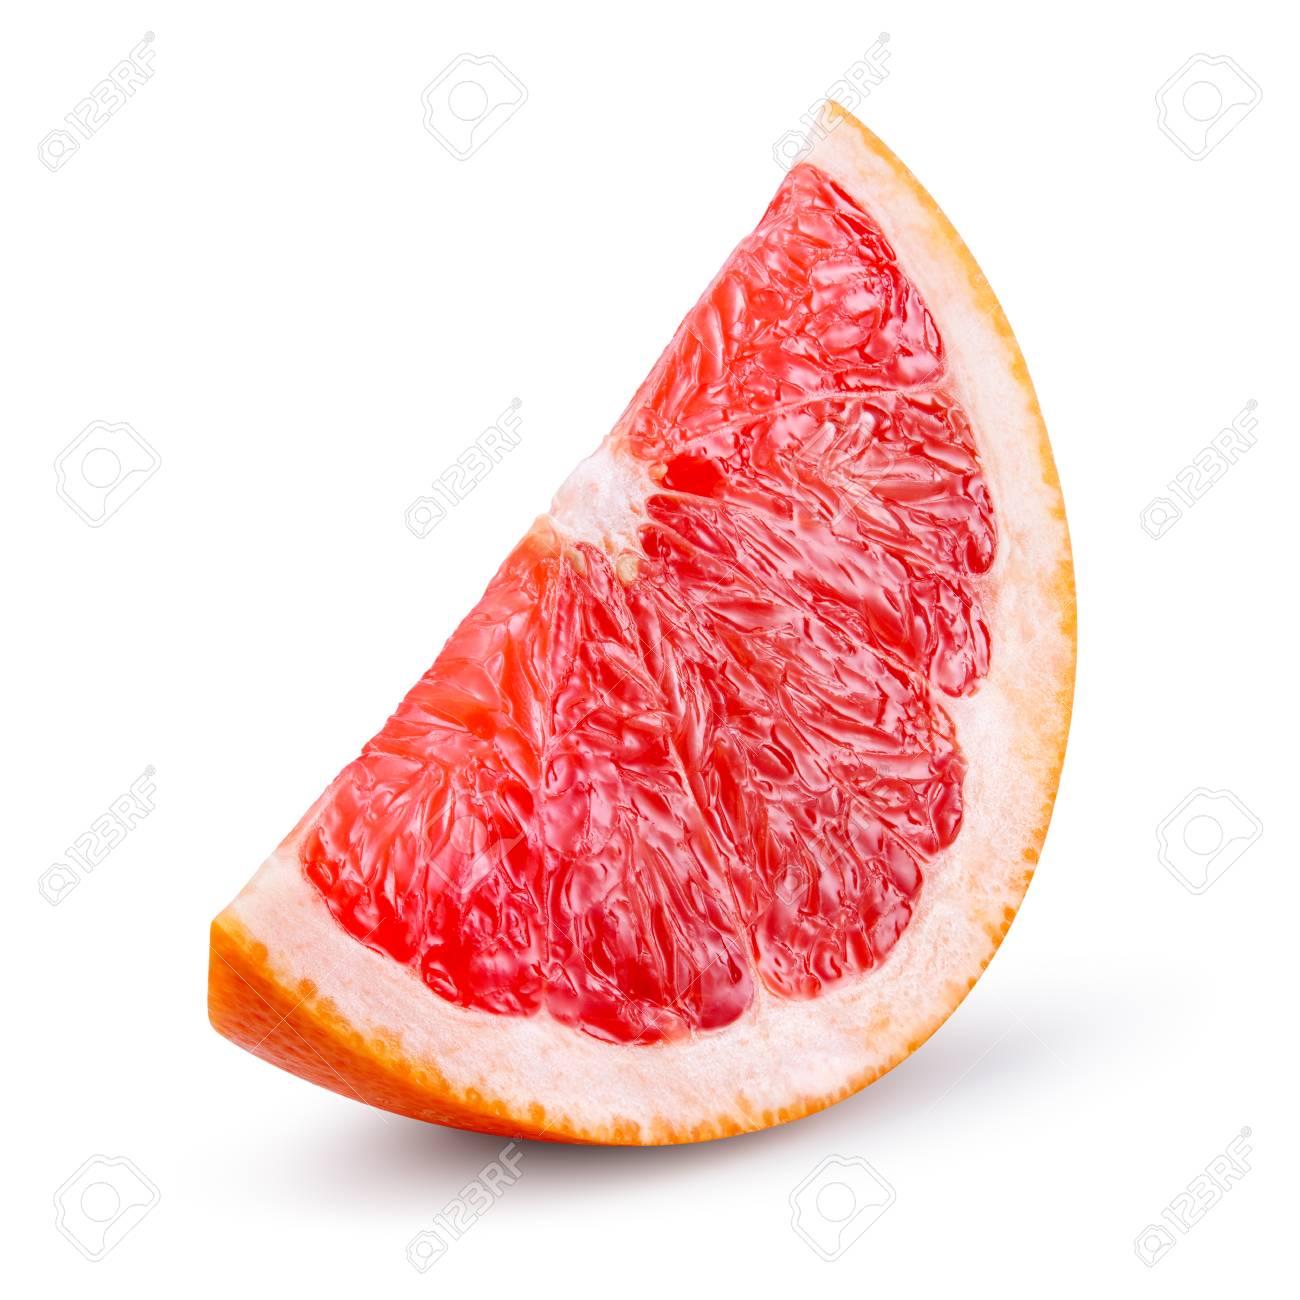 Grapefruit isolated on white b - 116172685